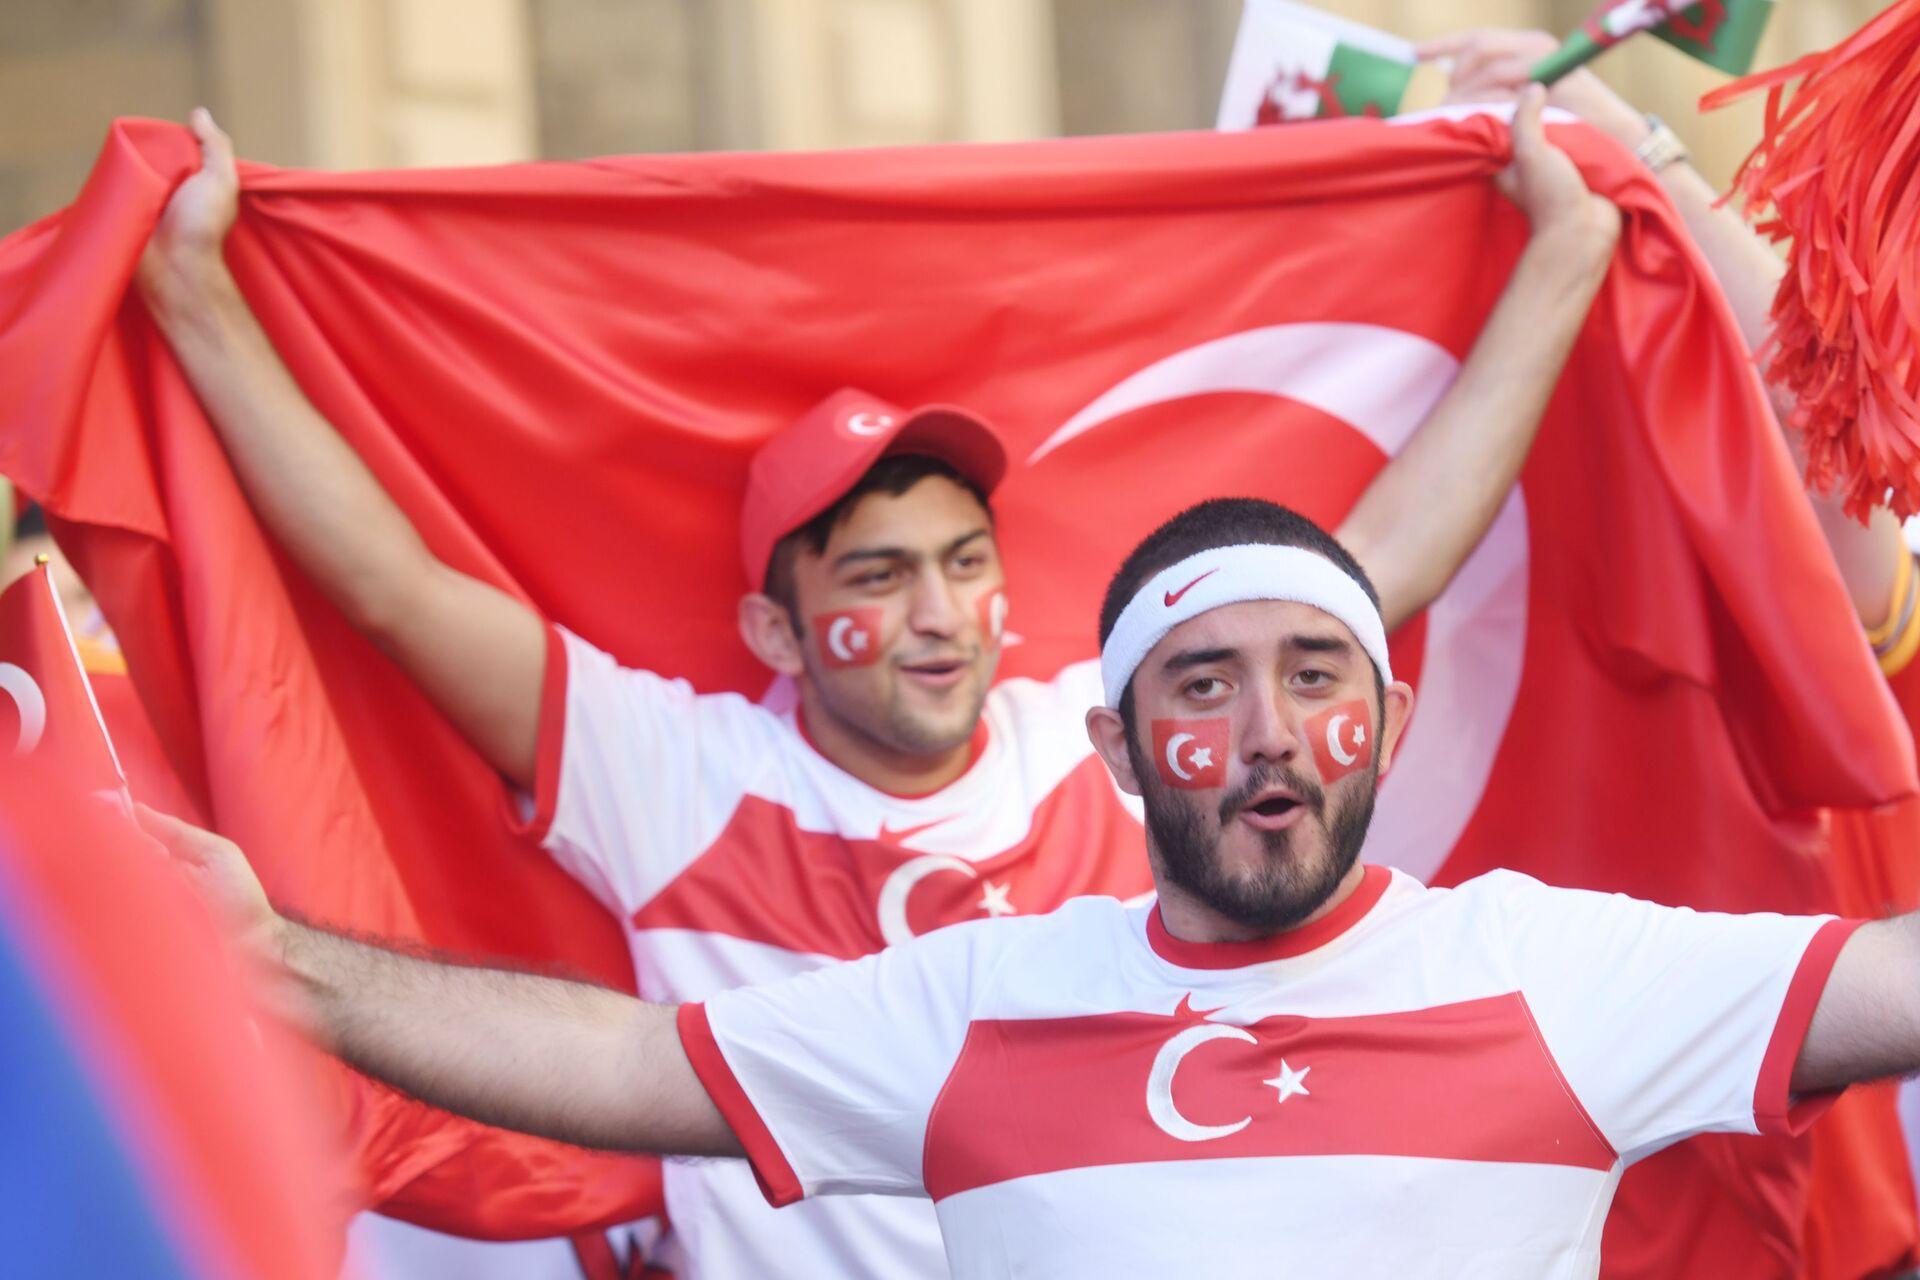 Футбольный праздник близко: первые болельщики и яркое шоу на улицах Баку - Sputnik Азербайджан, 1920, 09.06.2021